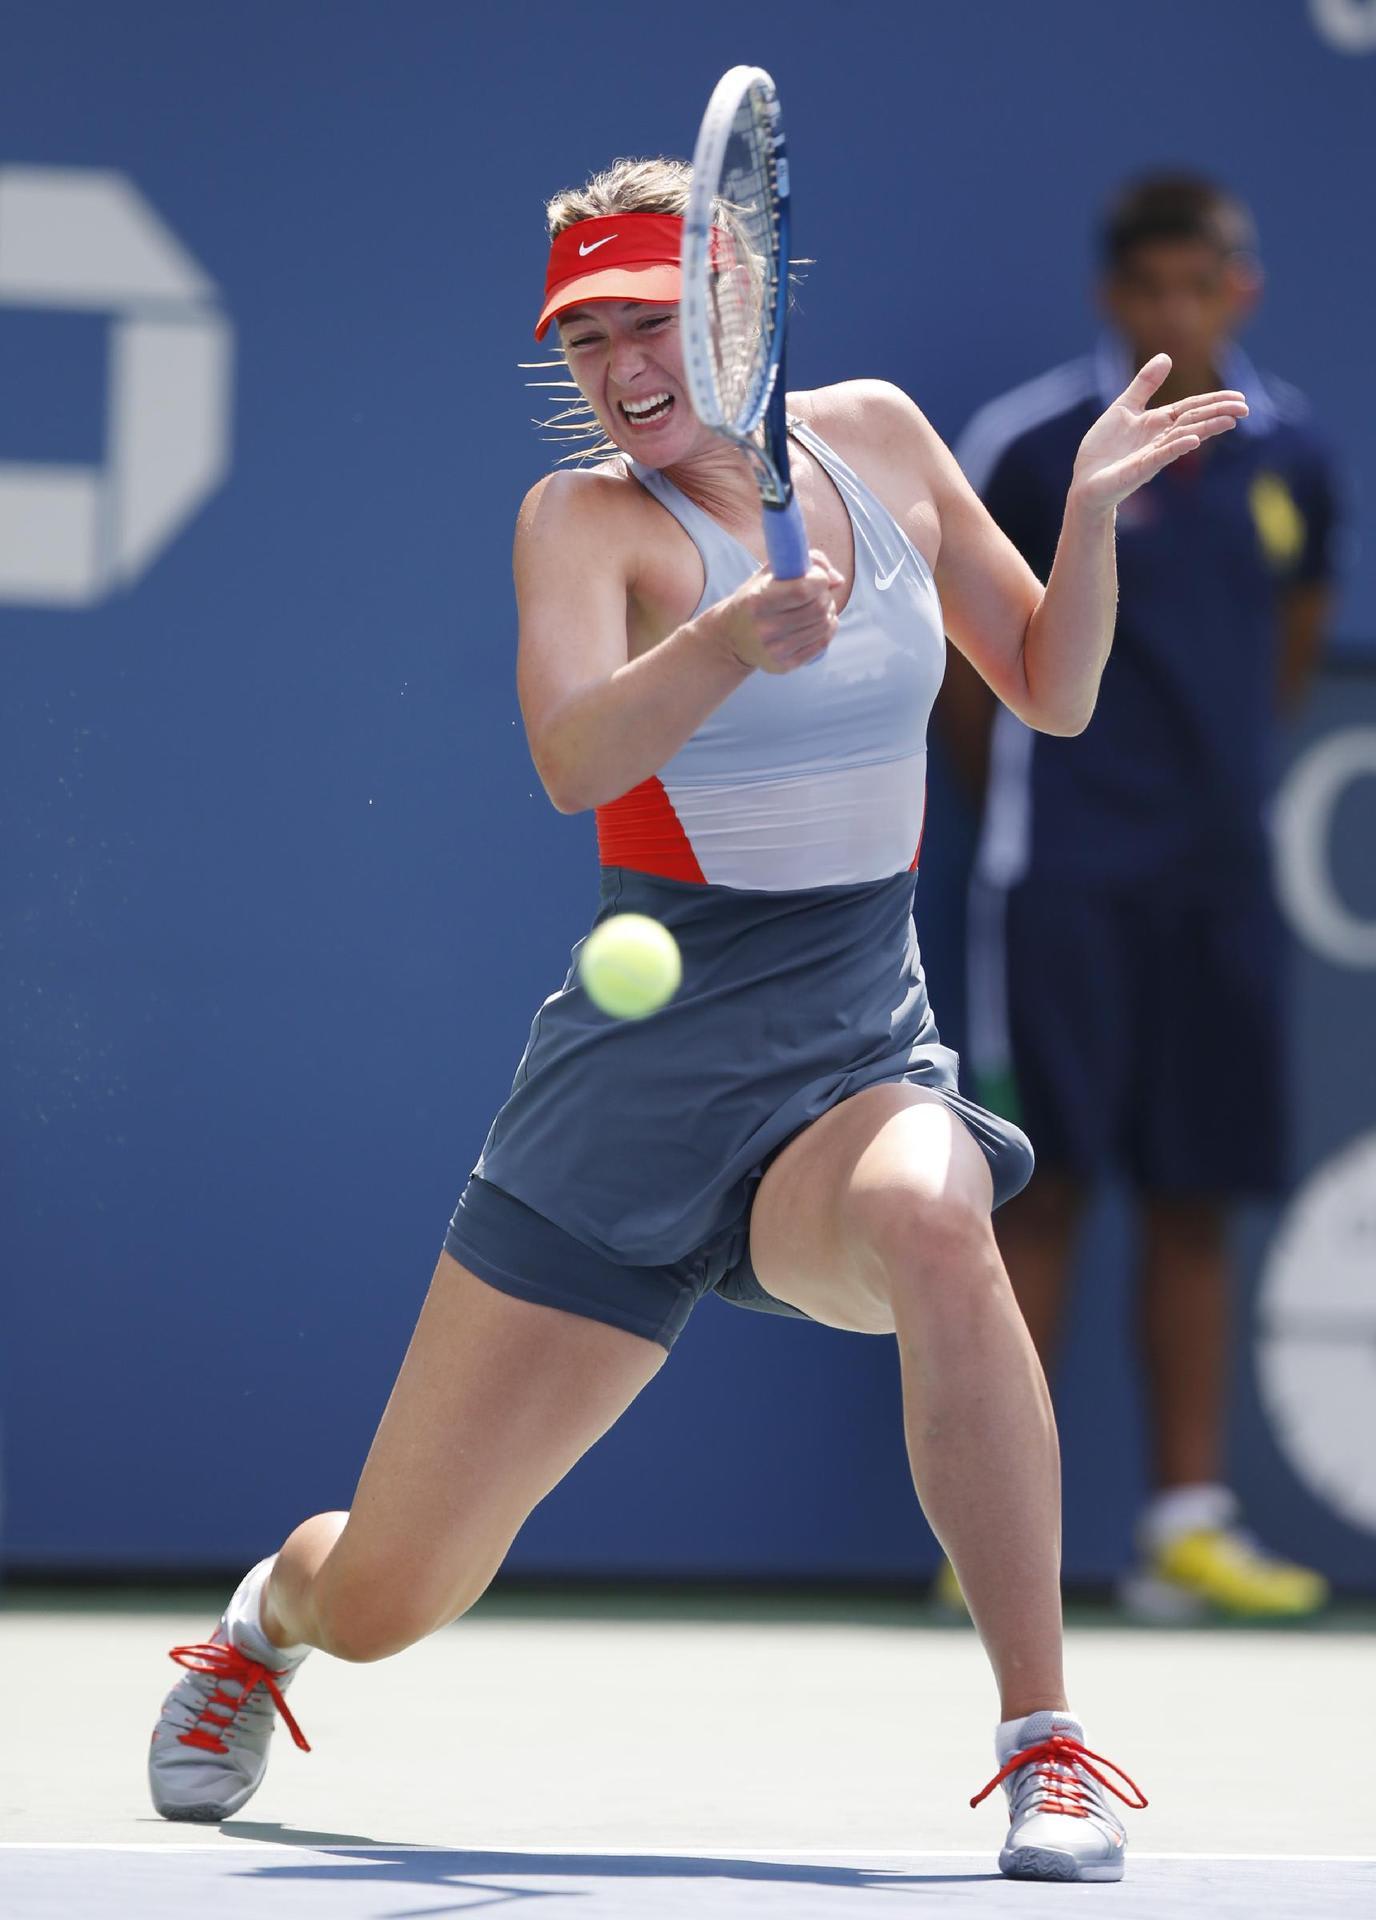 優勝した全仏オープン以外は4大大会はすべて4回戦で敗退